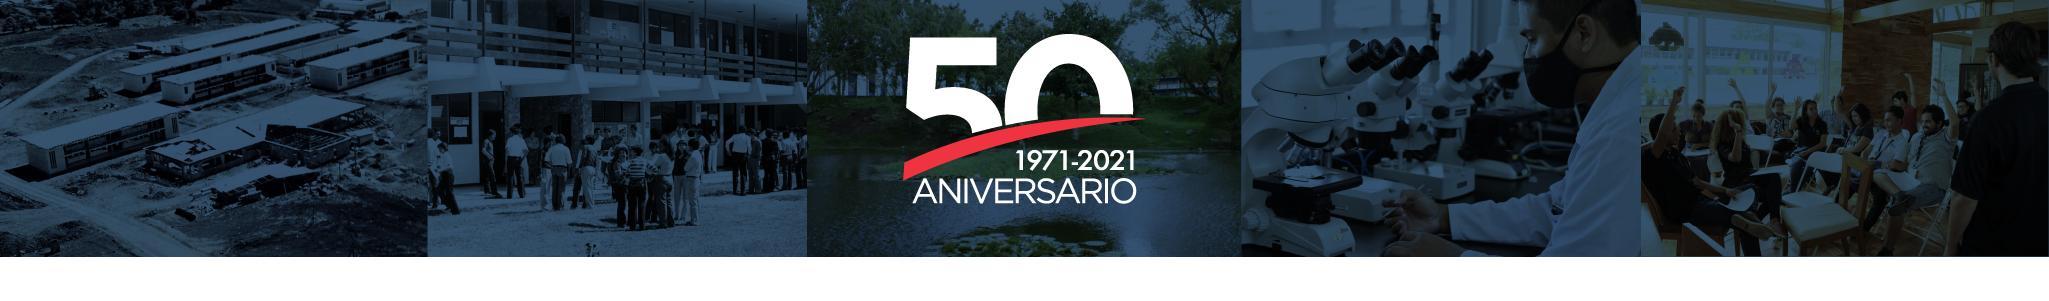 50 aniversario TEC, año 1971 y año 2021. Logo con imágenes de fondo ilustrativas